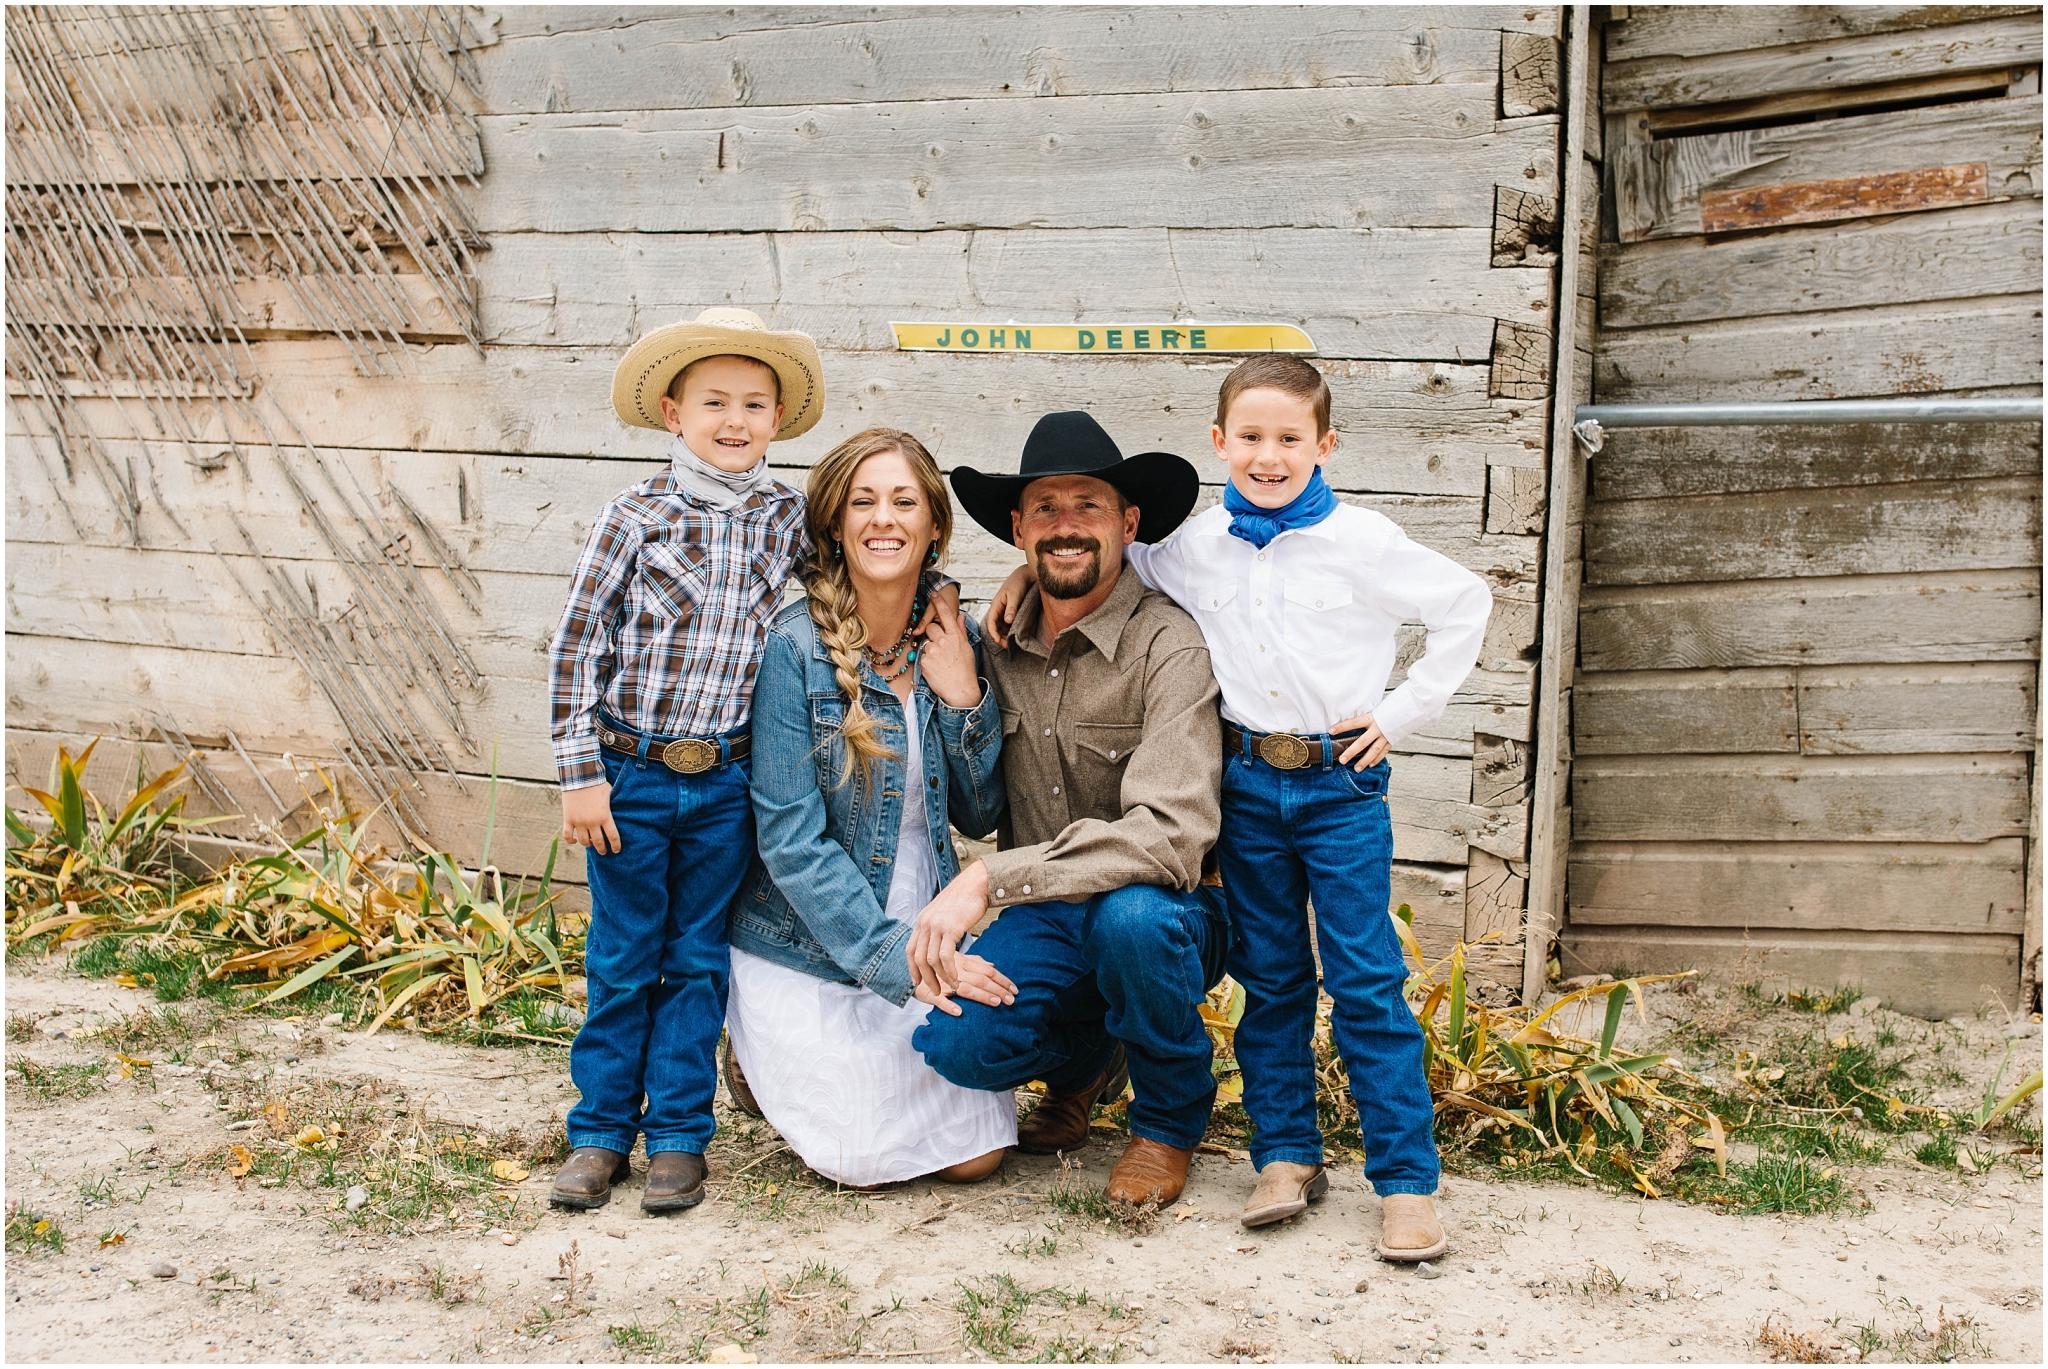 Lister-6_Lizzie-B-Imagery-Utah-Family-Photographer-Salt-Lake-City-Park-City-Utah-County.jpg